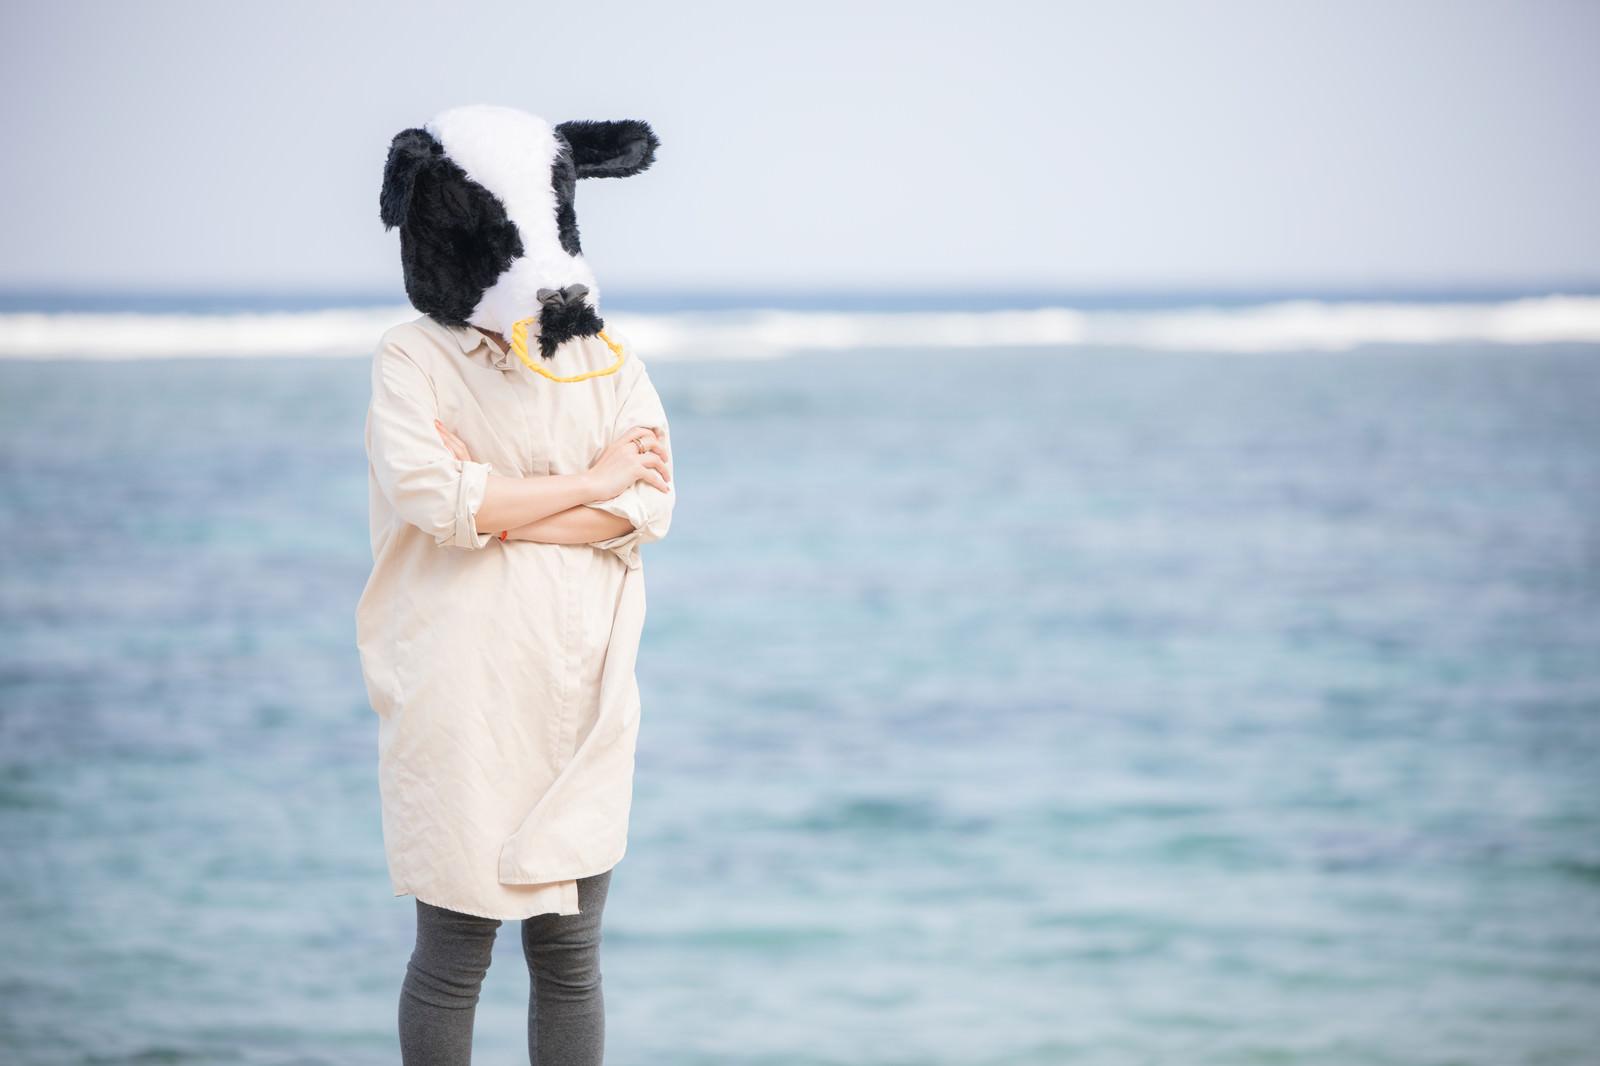 「海辺で考えるエト牛海辺で考えるエト牛」[モデル:古性のっち]のフリー写真素材を拡大